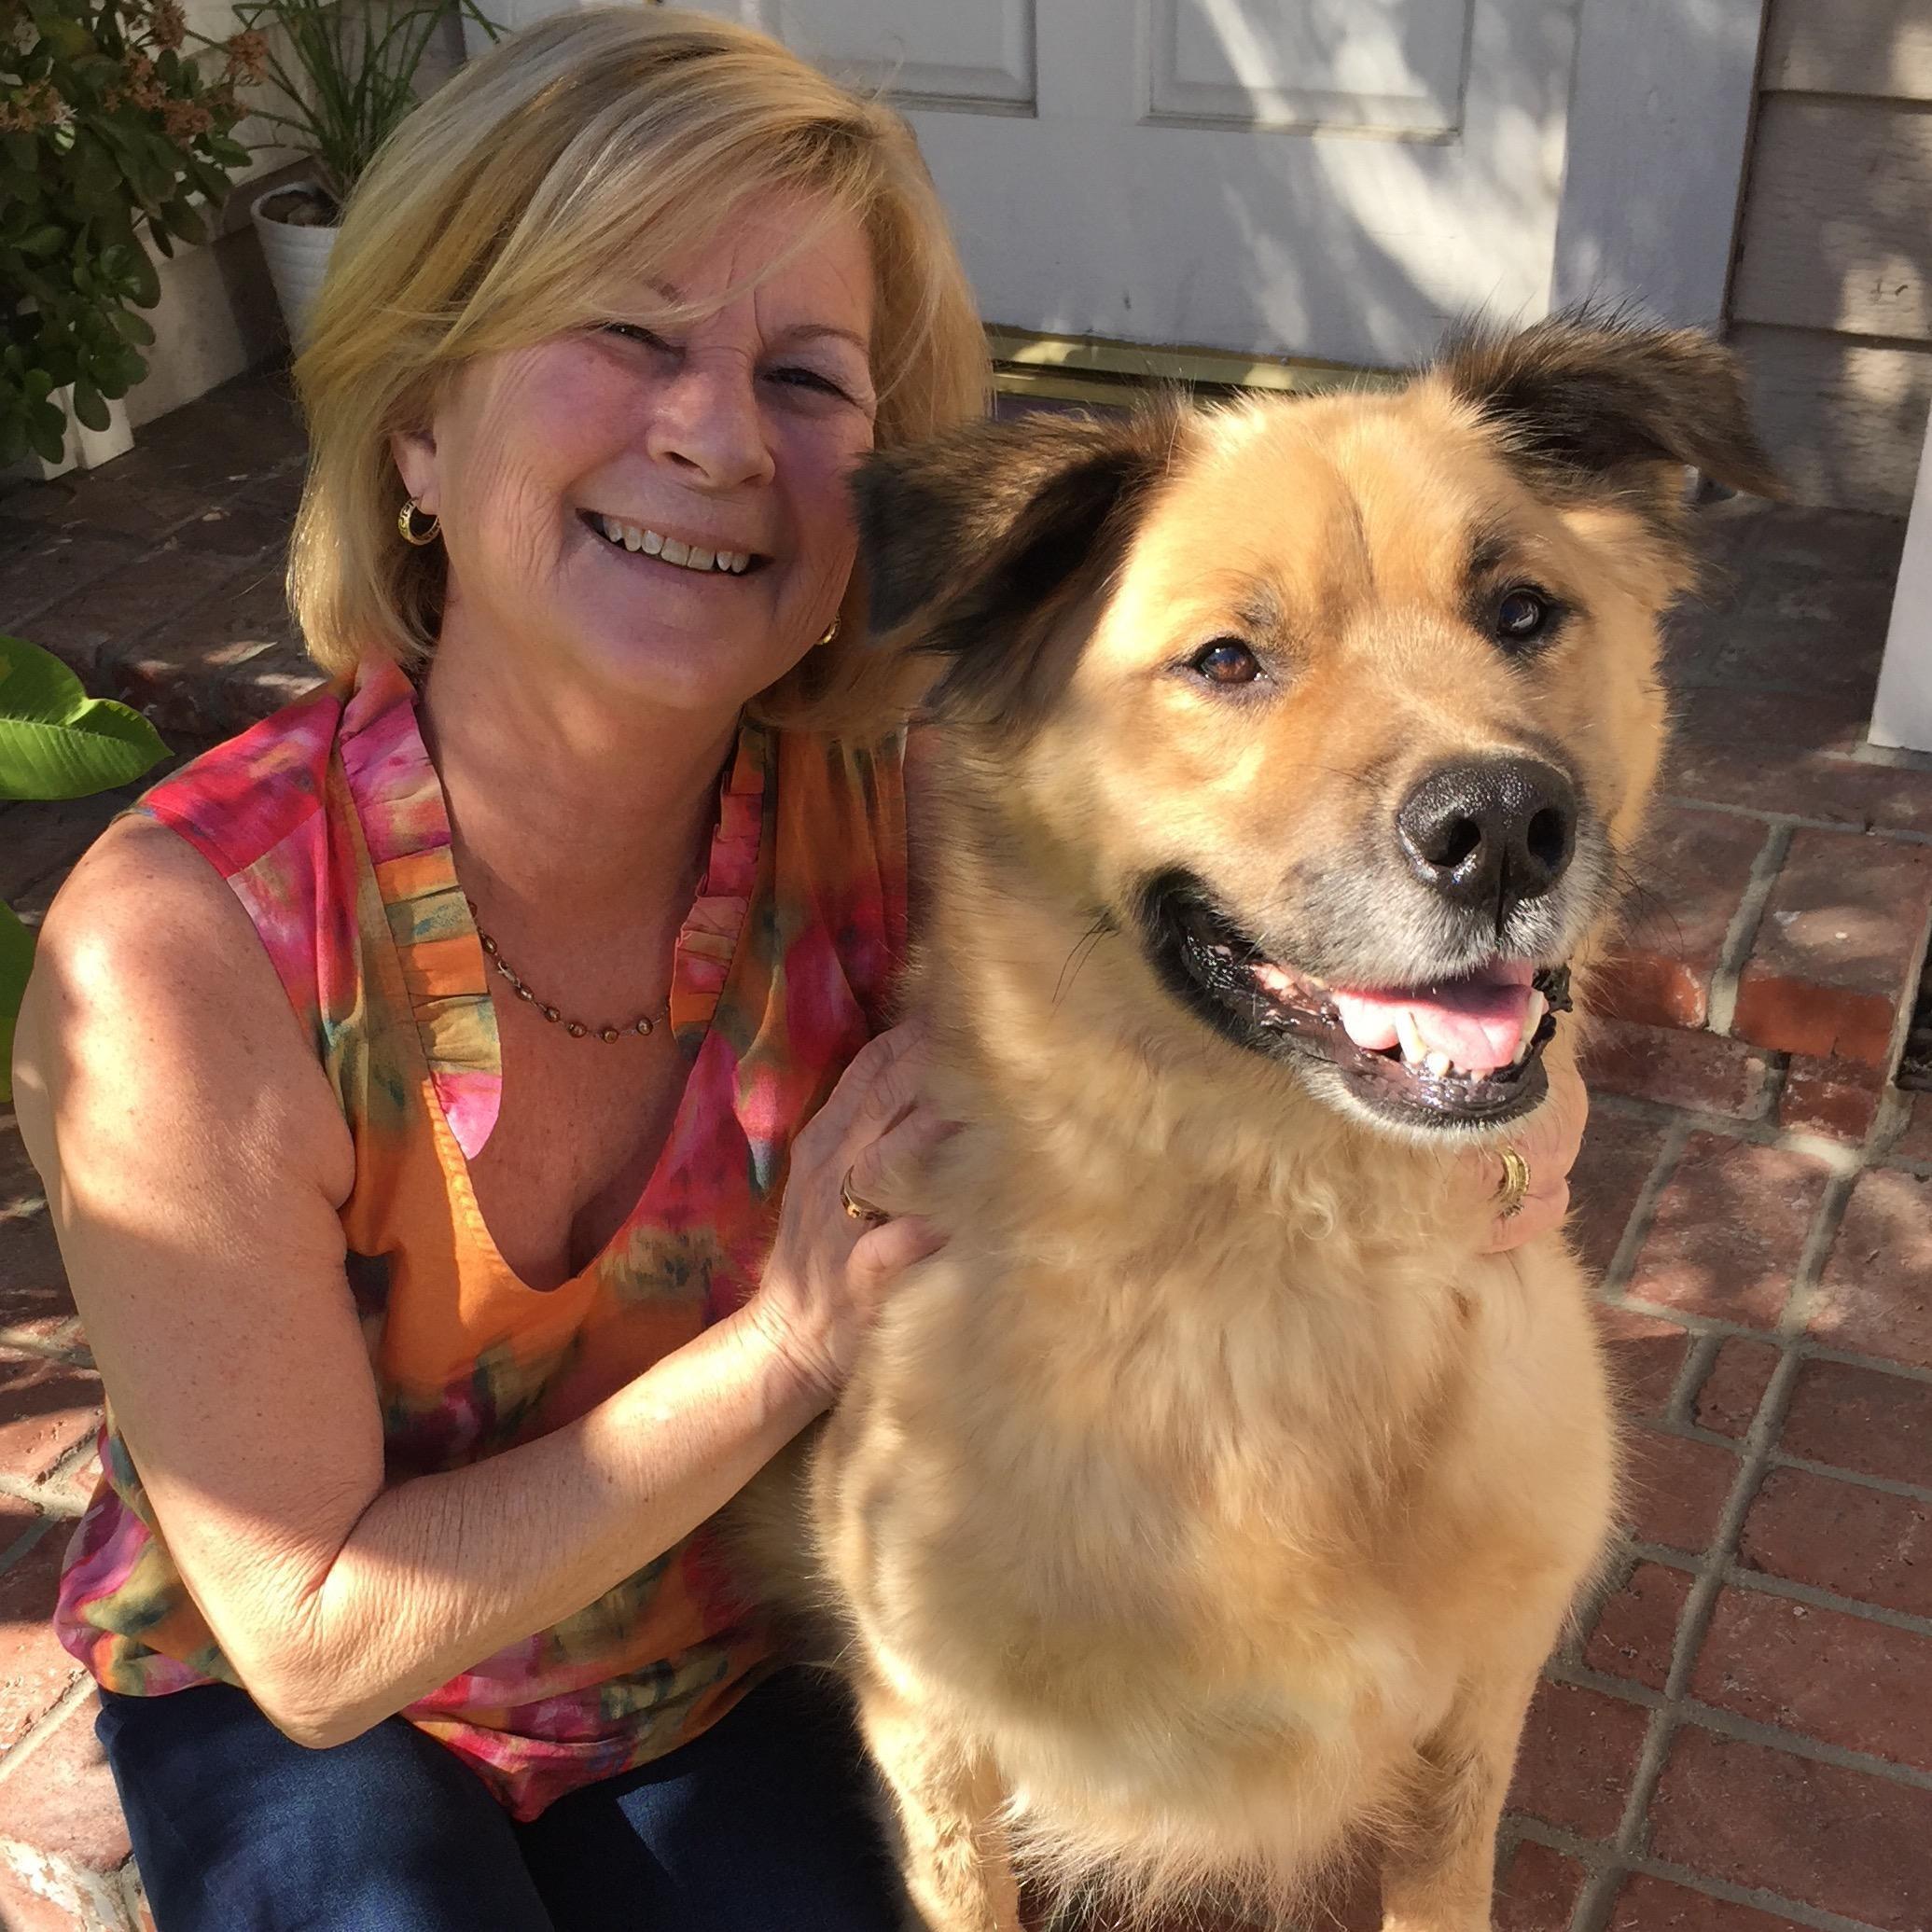 Suzanne & Rodney's dog day care